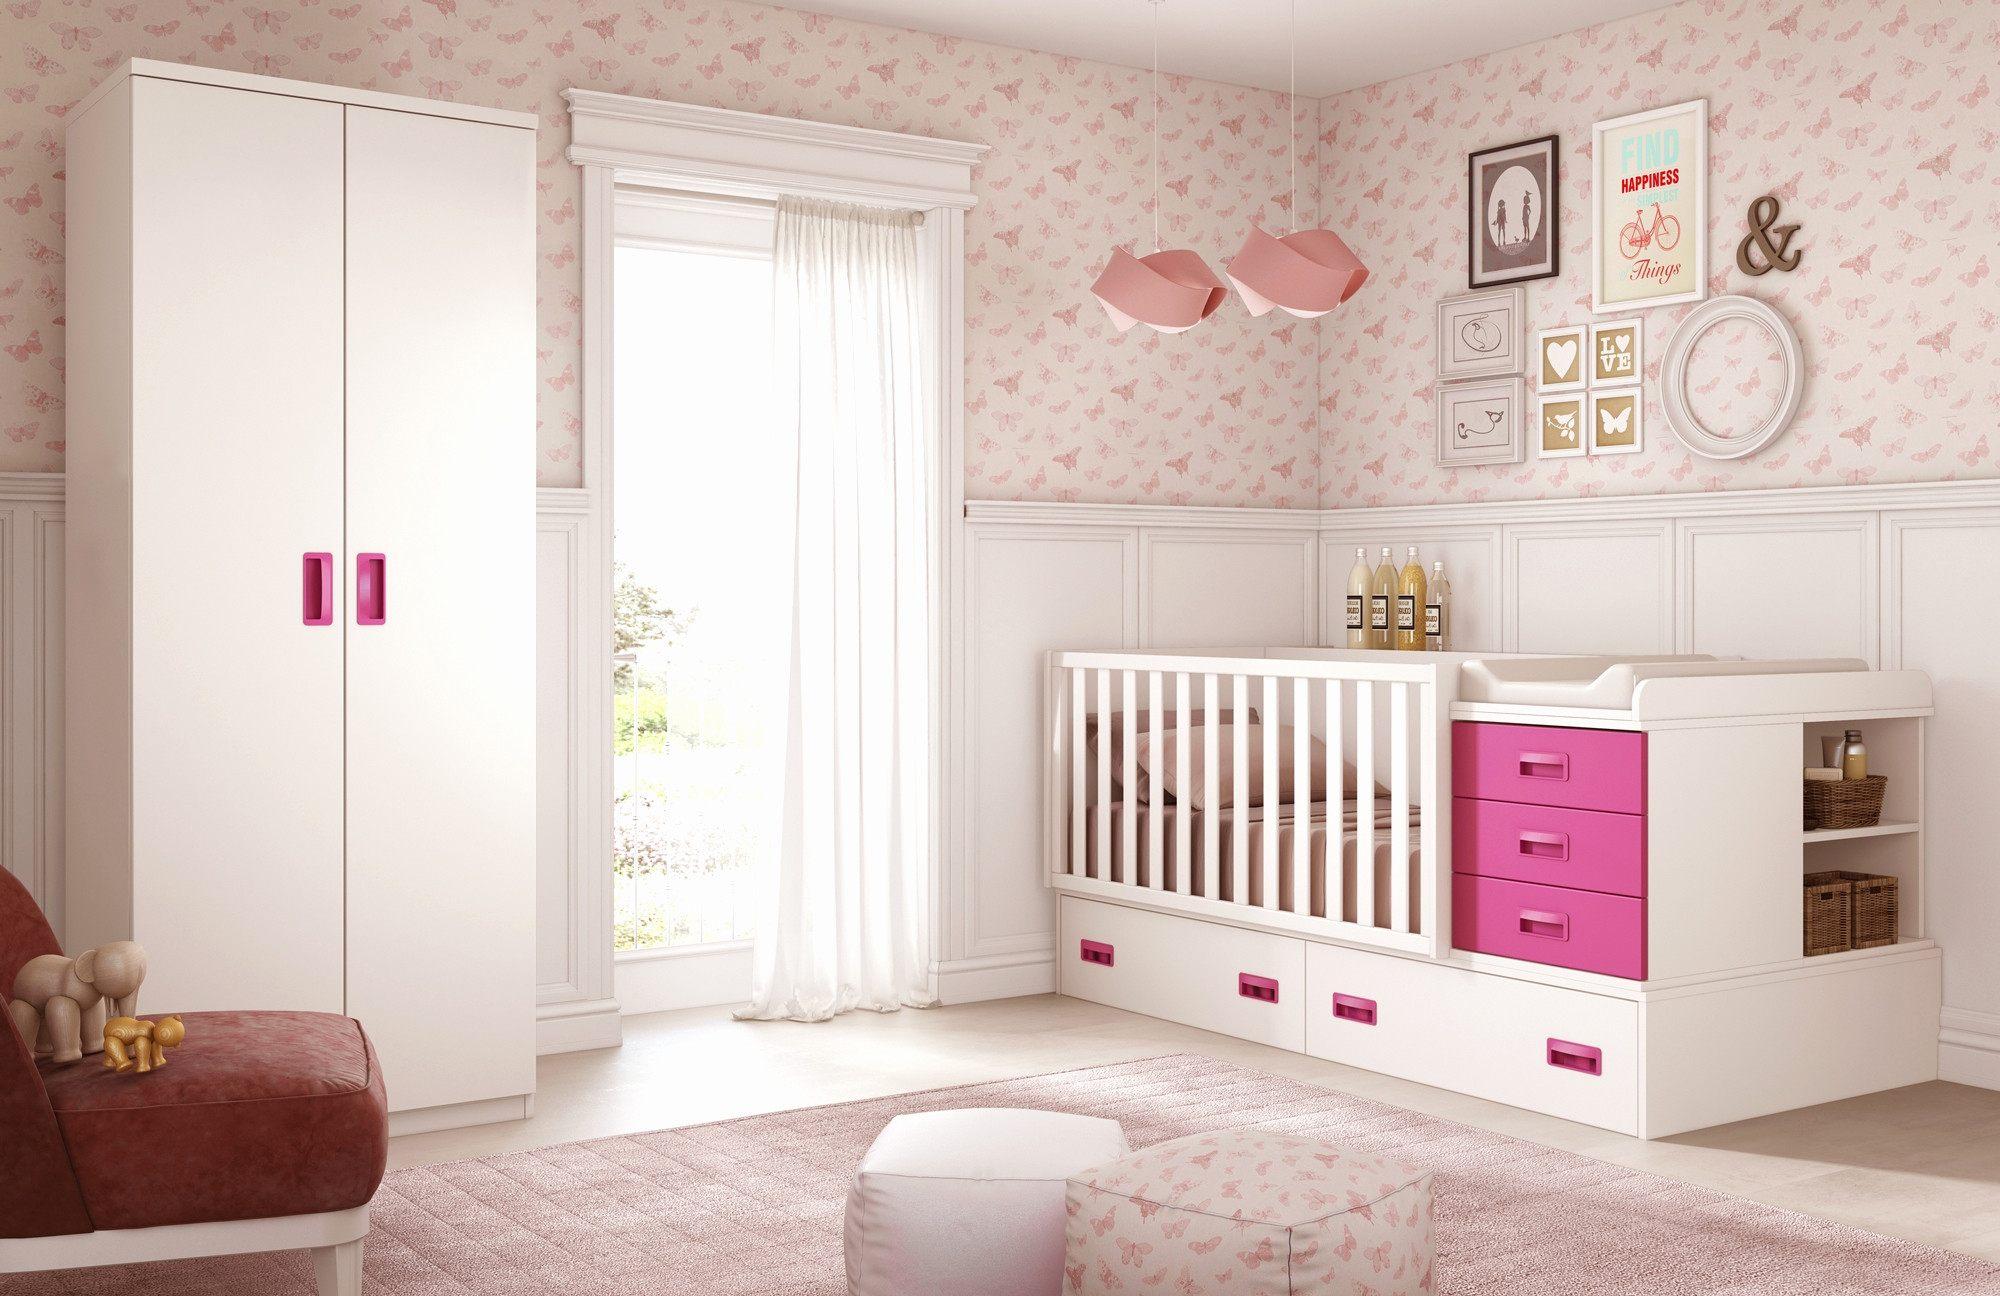 Lit Enfant Pliable Charmant Lit Bebe Jusqu A Quel Age Chambre Evolutive Génial Bebe Chambre